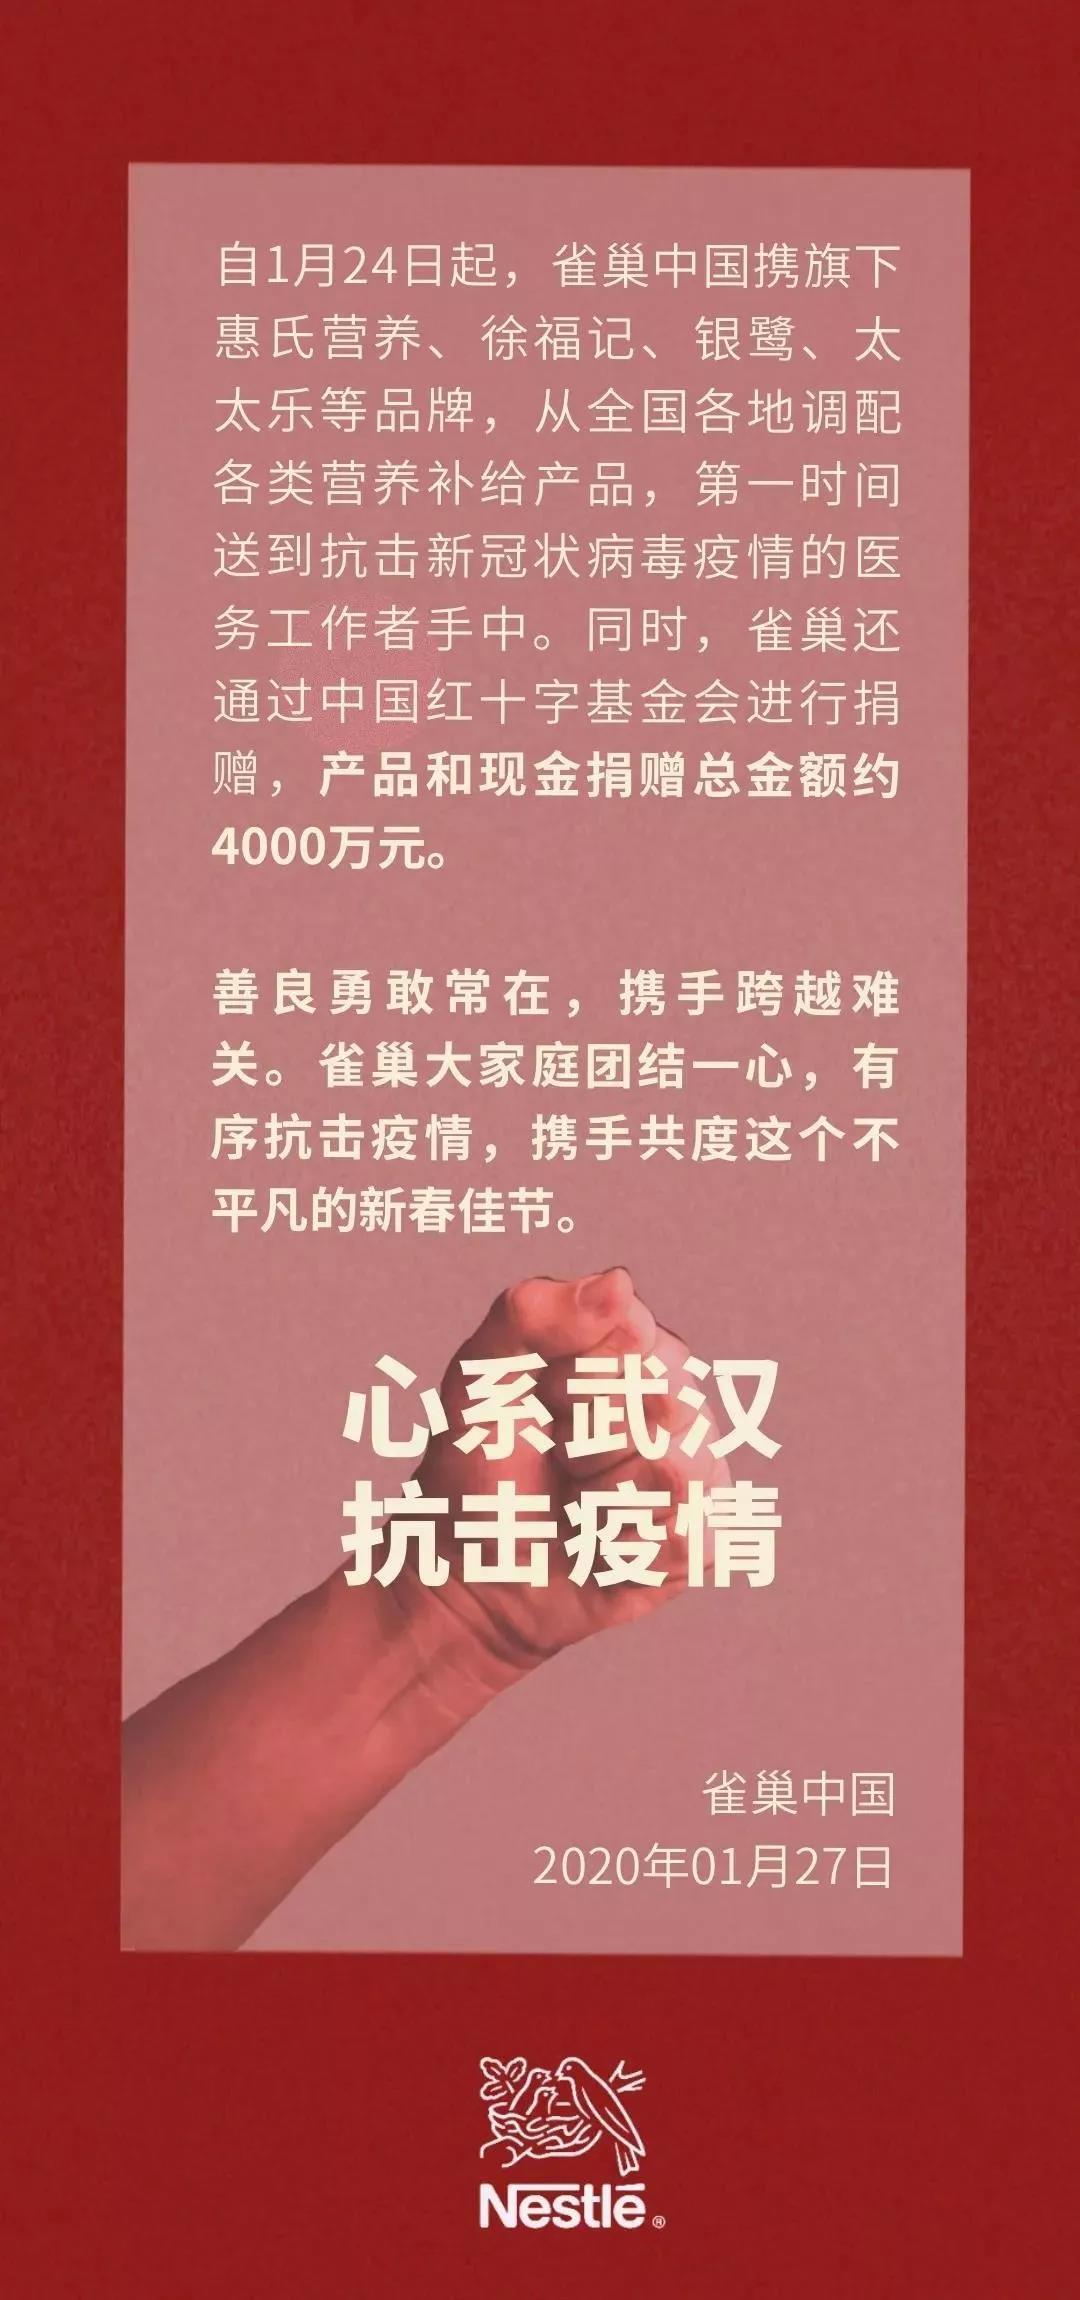 雀巢向中国红十字基金会捐4000万元款物抗击疫情